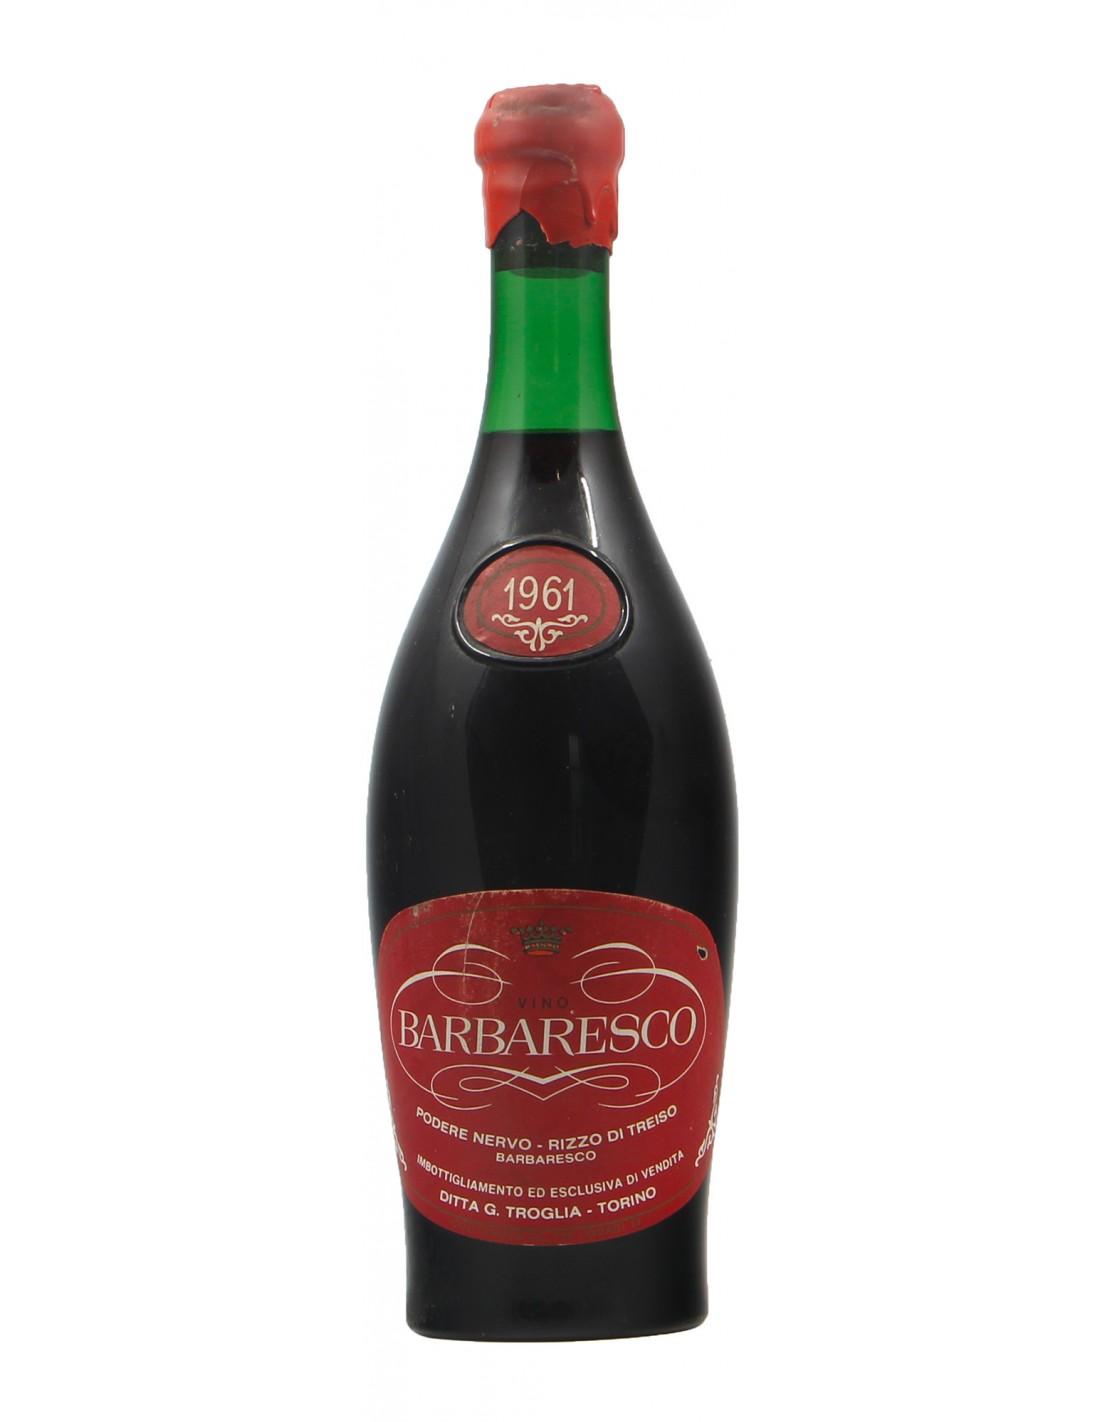 BARBARESCO 1961 TROGLIA Grandi Bottiglie